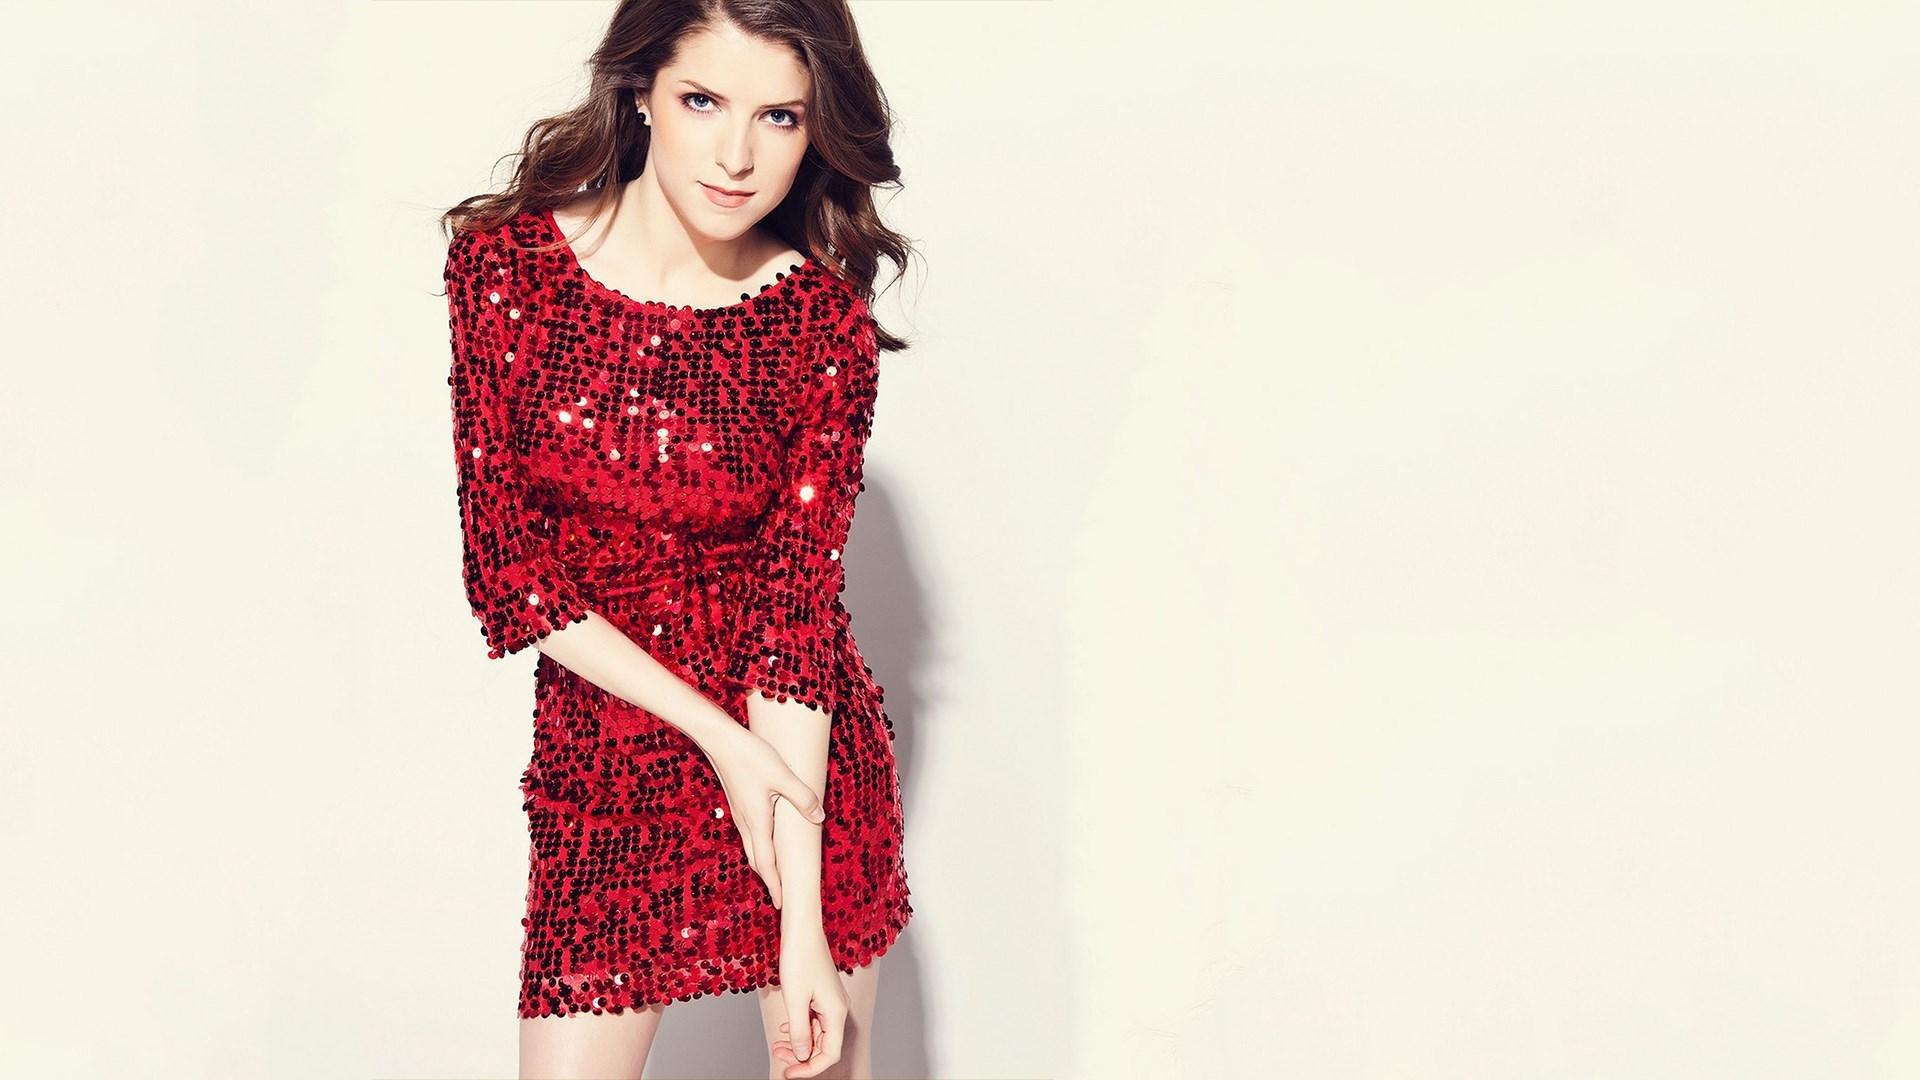 Beautiful Girl Anna Kendrick Actress Singer